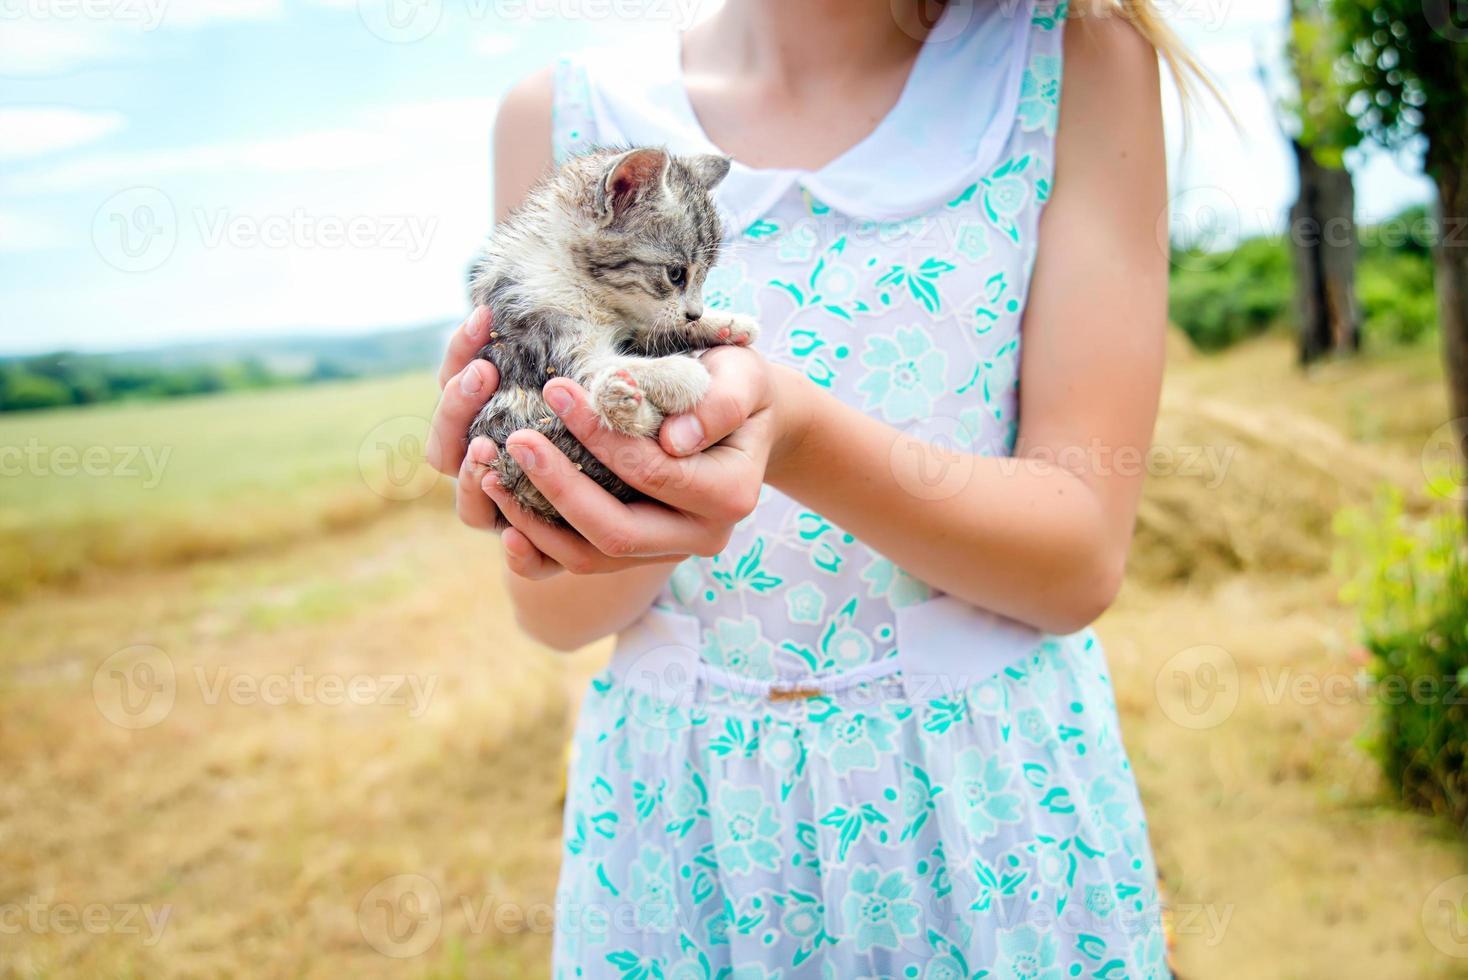 Mädchen hält ein Kätzchen foto